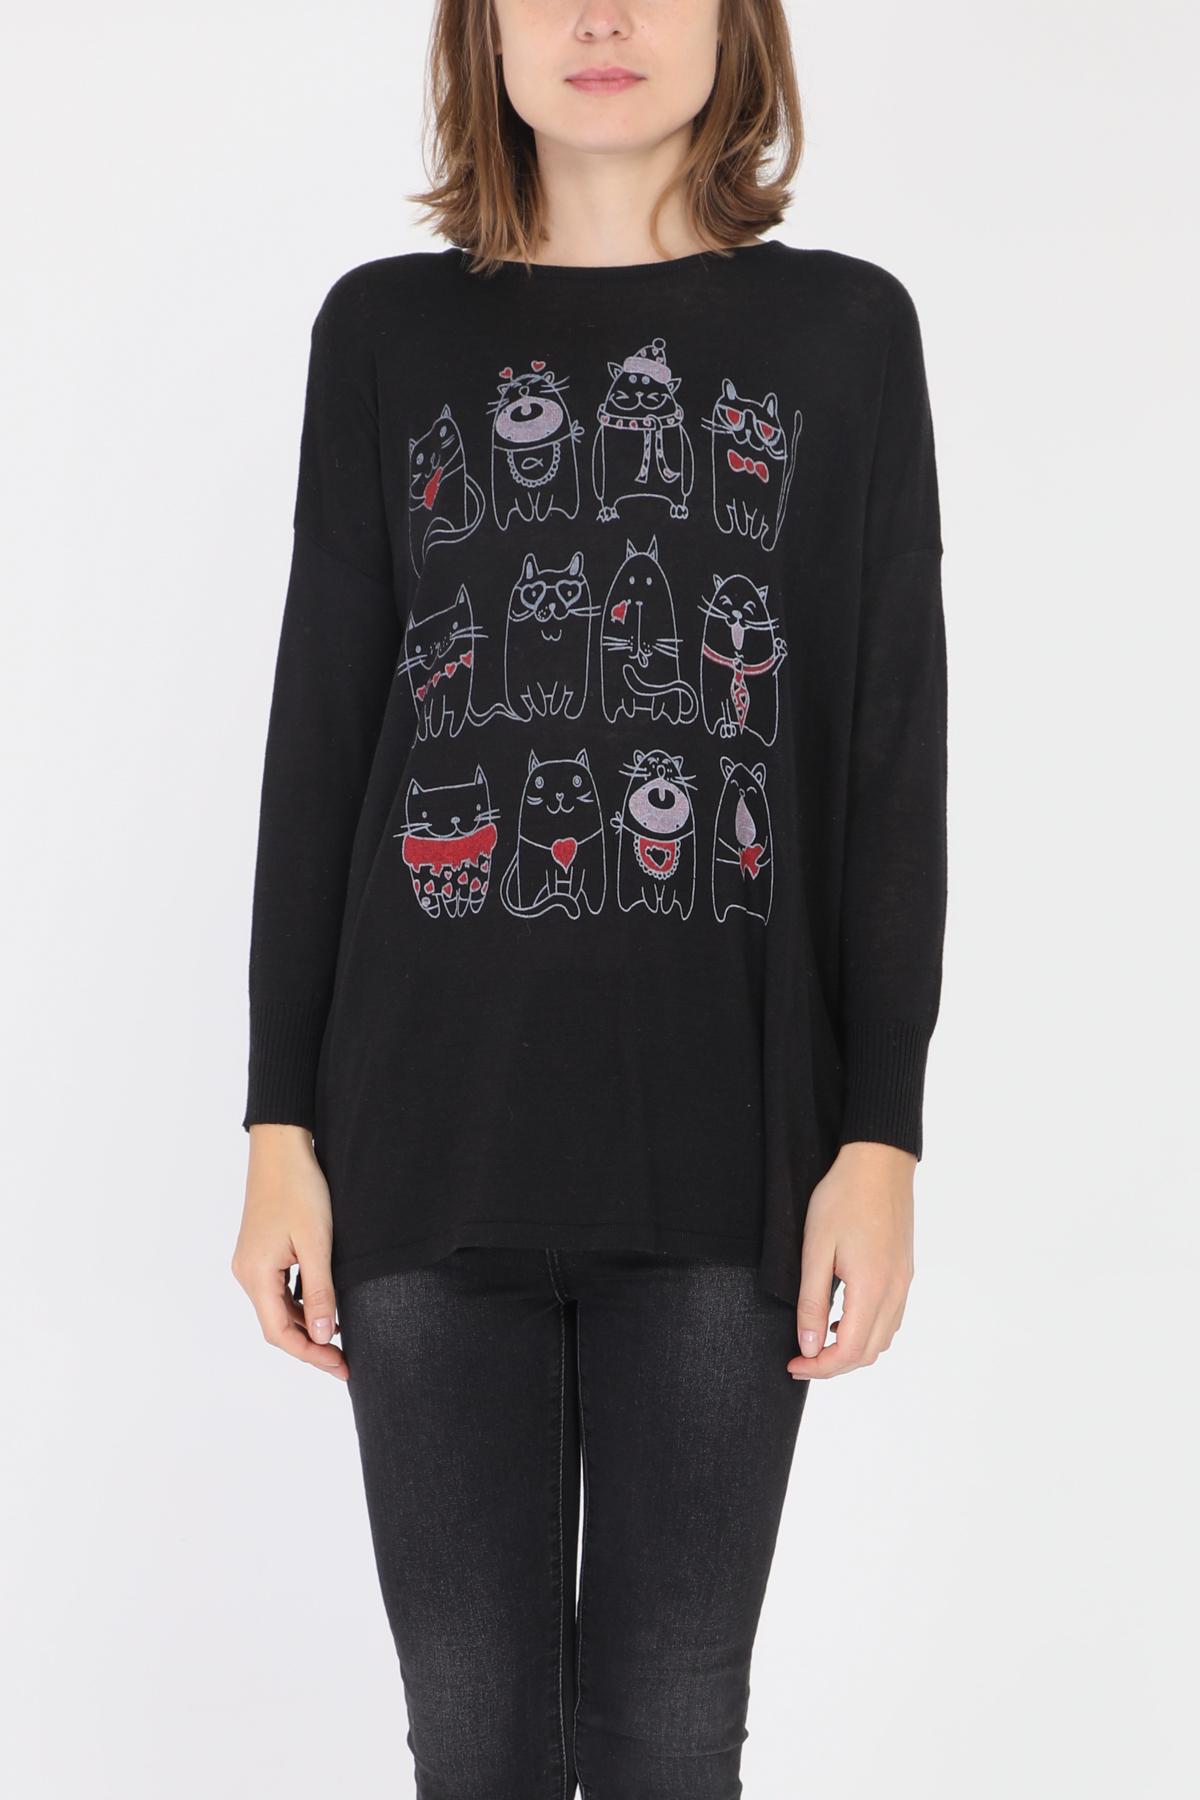 T-shirts Femme Noir Cherry Bloom CB-313 #c eFashion Paris